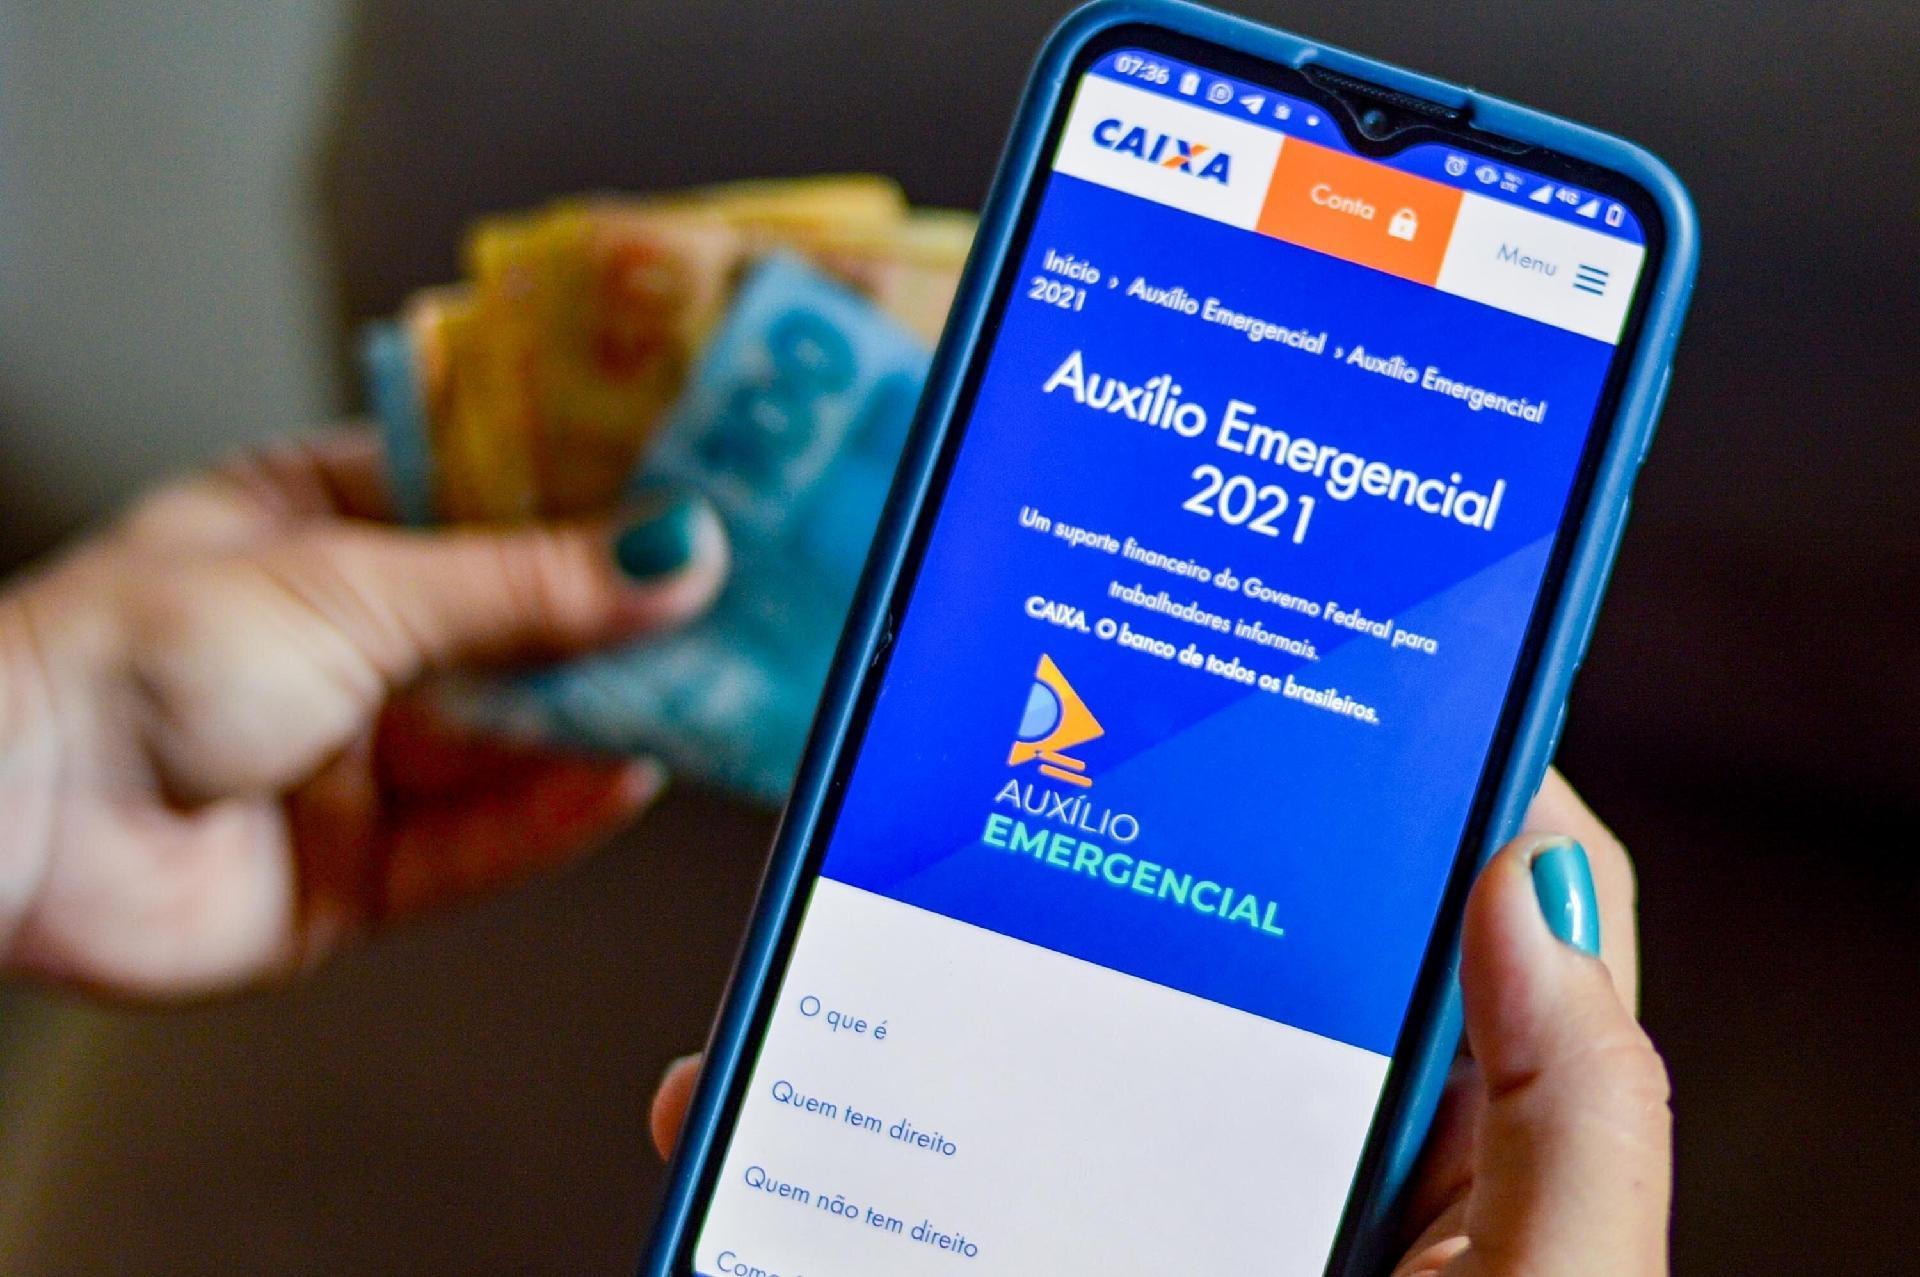 Auxílio emergencial: 5ª parcela paga até R$ 375; veja quem saca agora